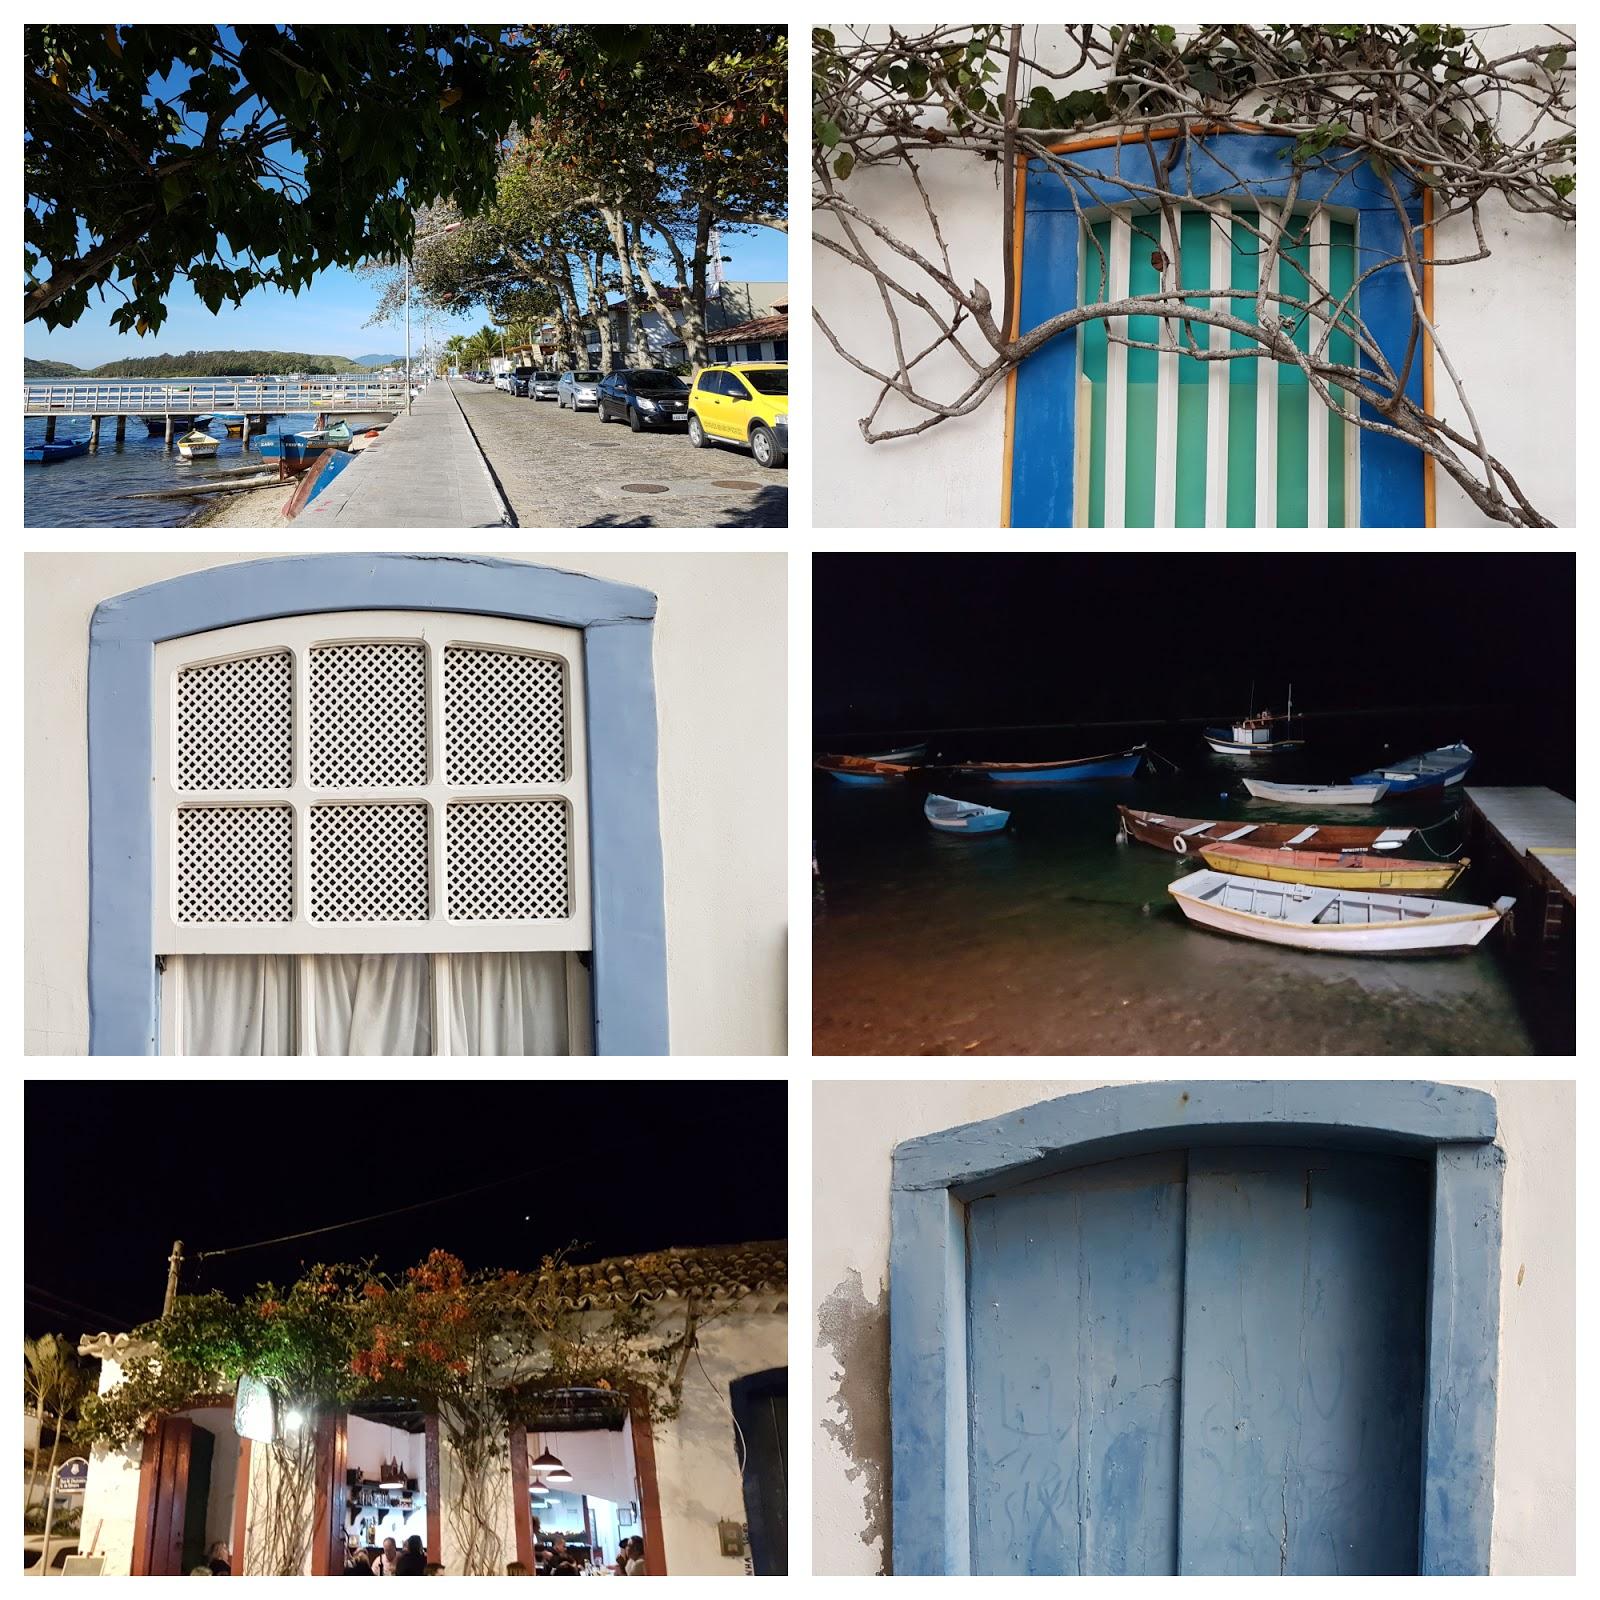 Bairro da Passagem, onde se hospedar em Cabo Frio.